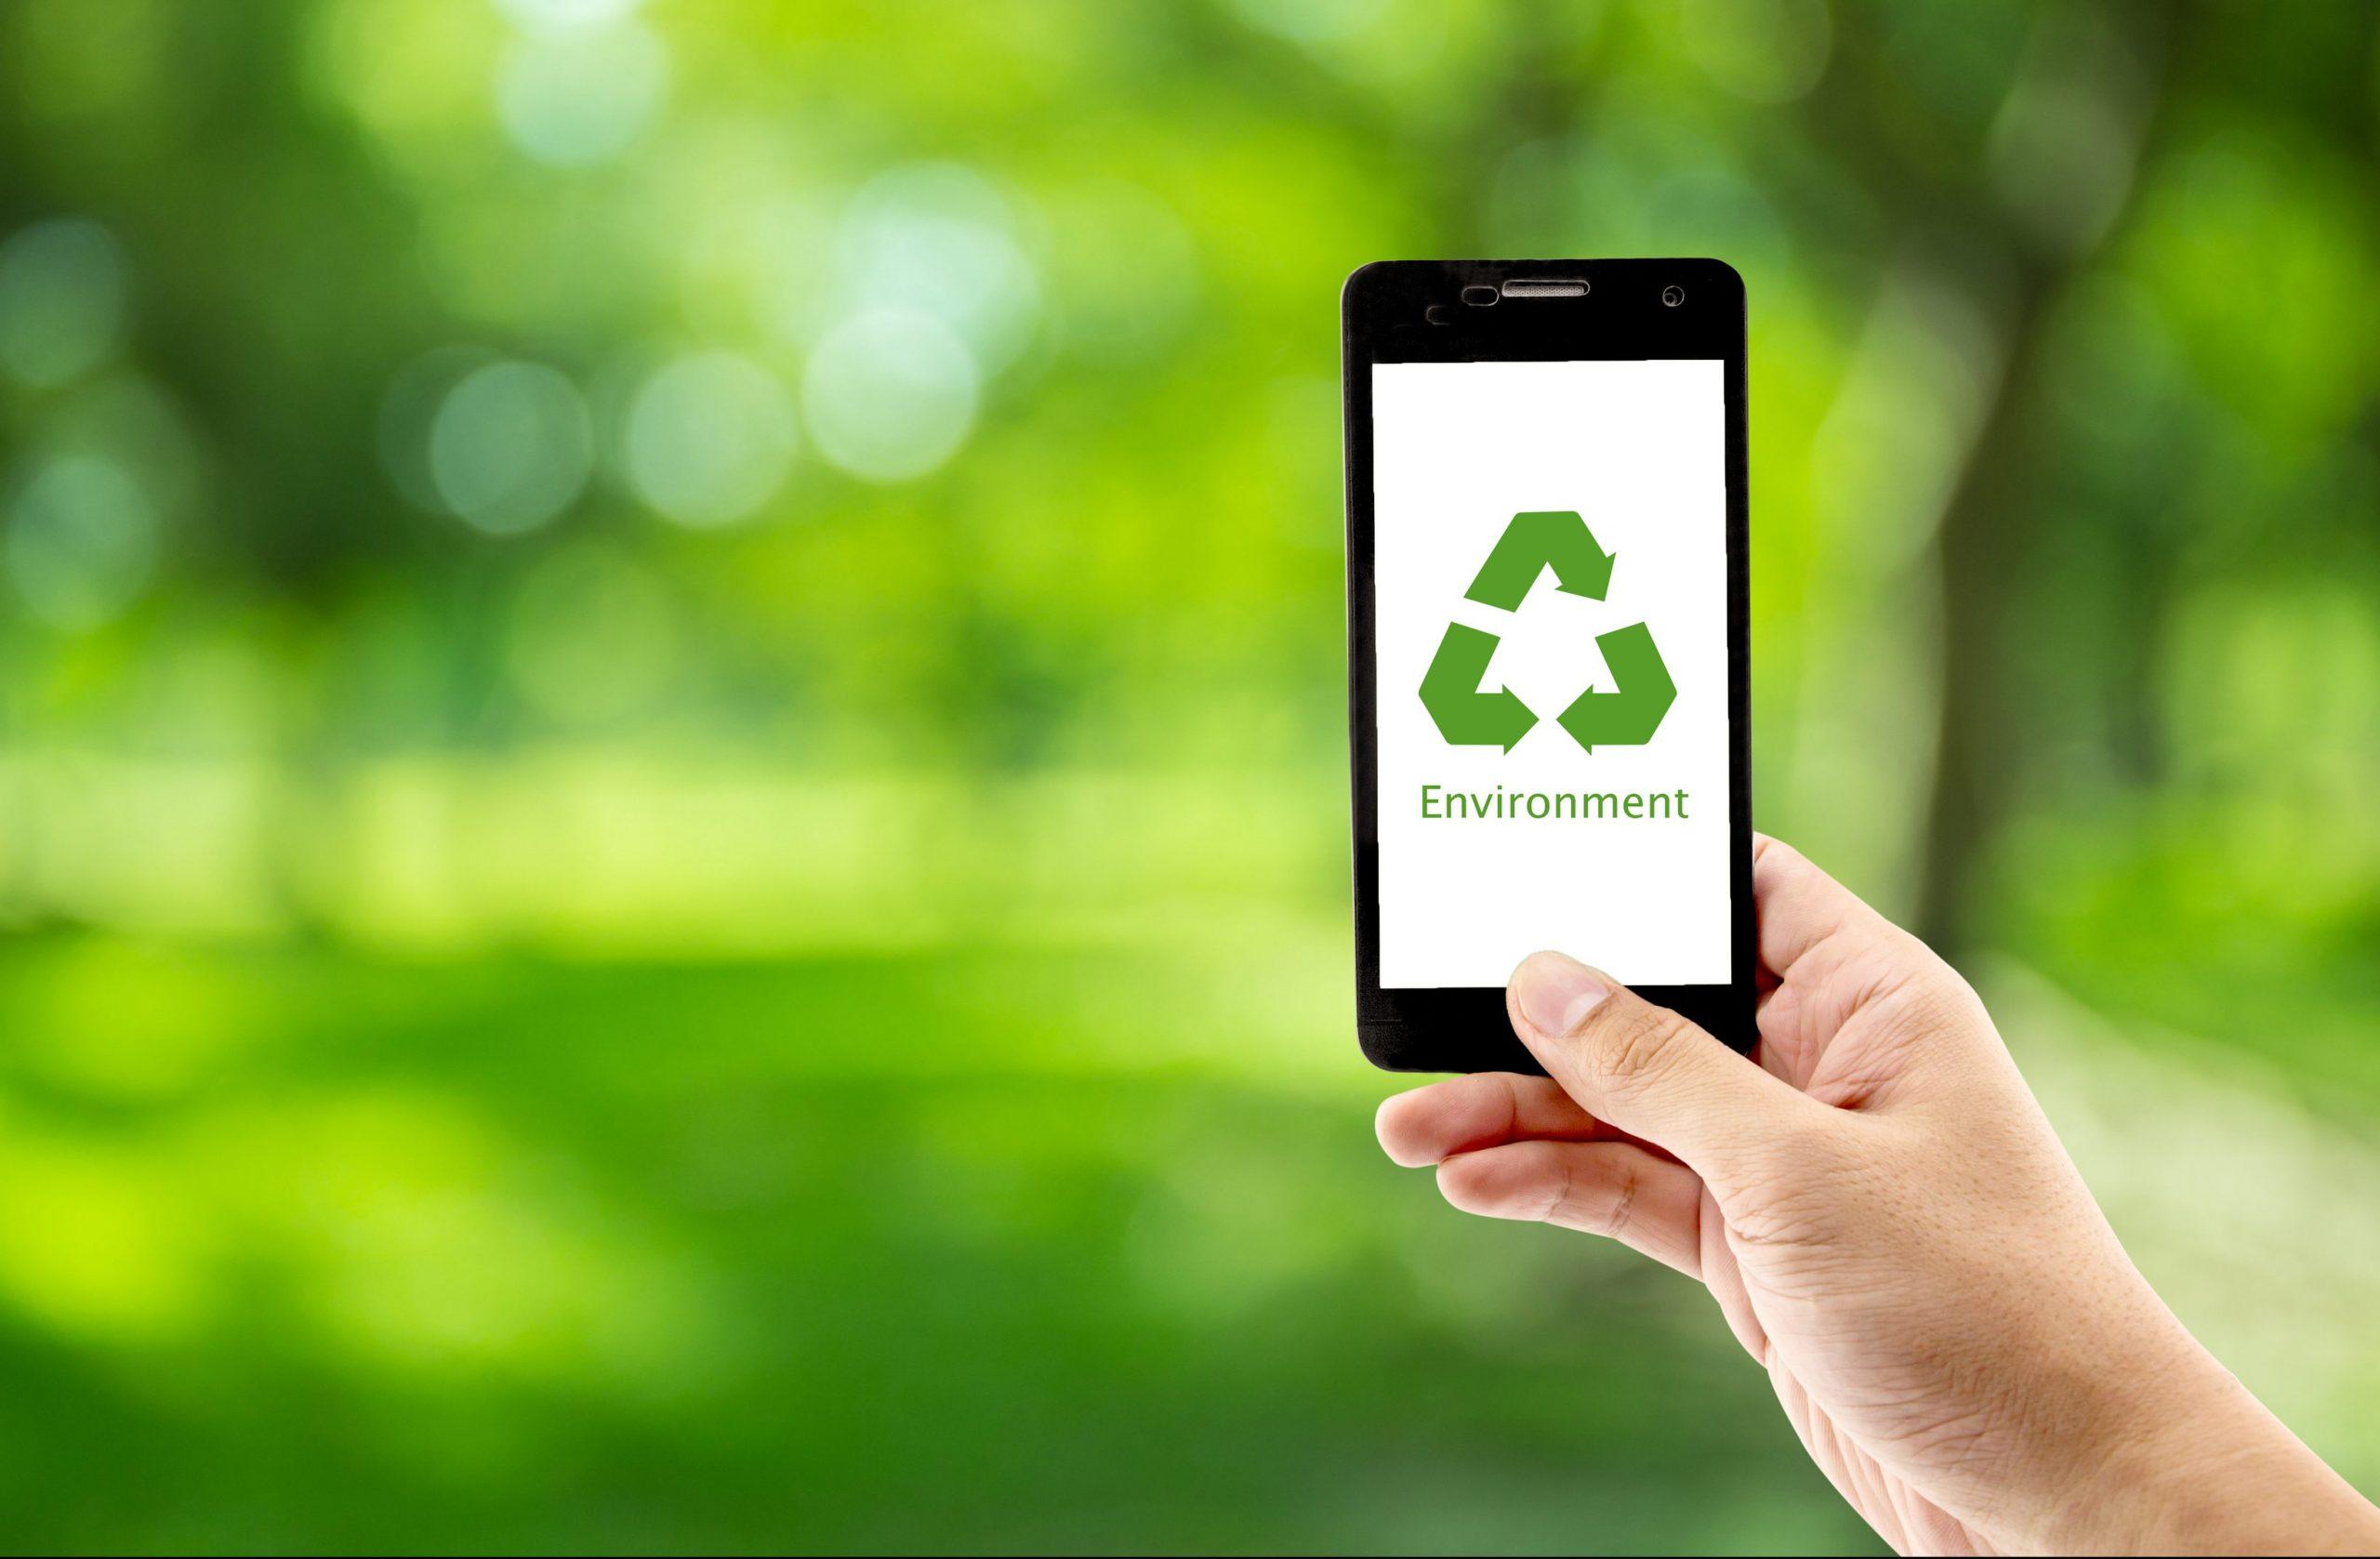 Technologie responsable: les meilleures applications pour prendre soin de l'environnement